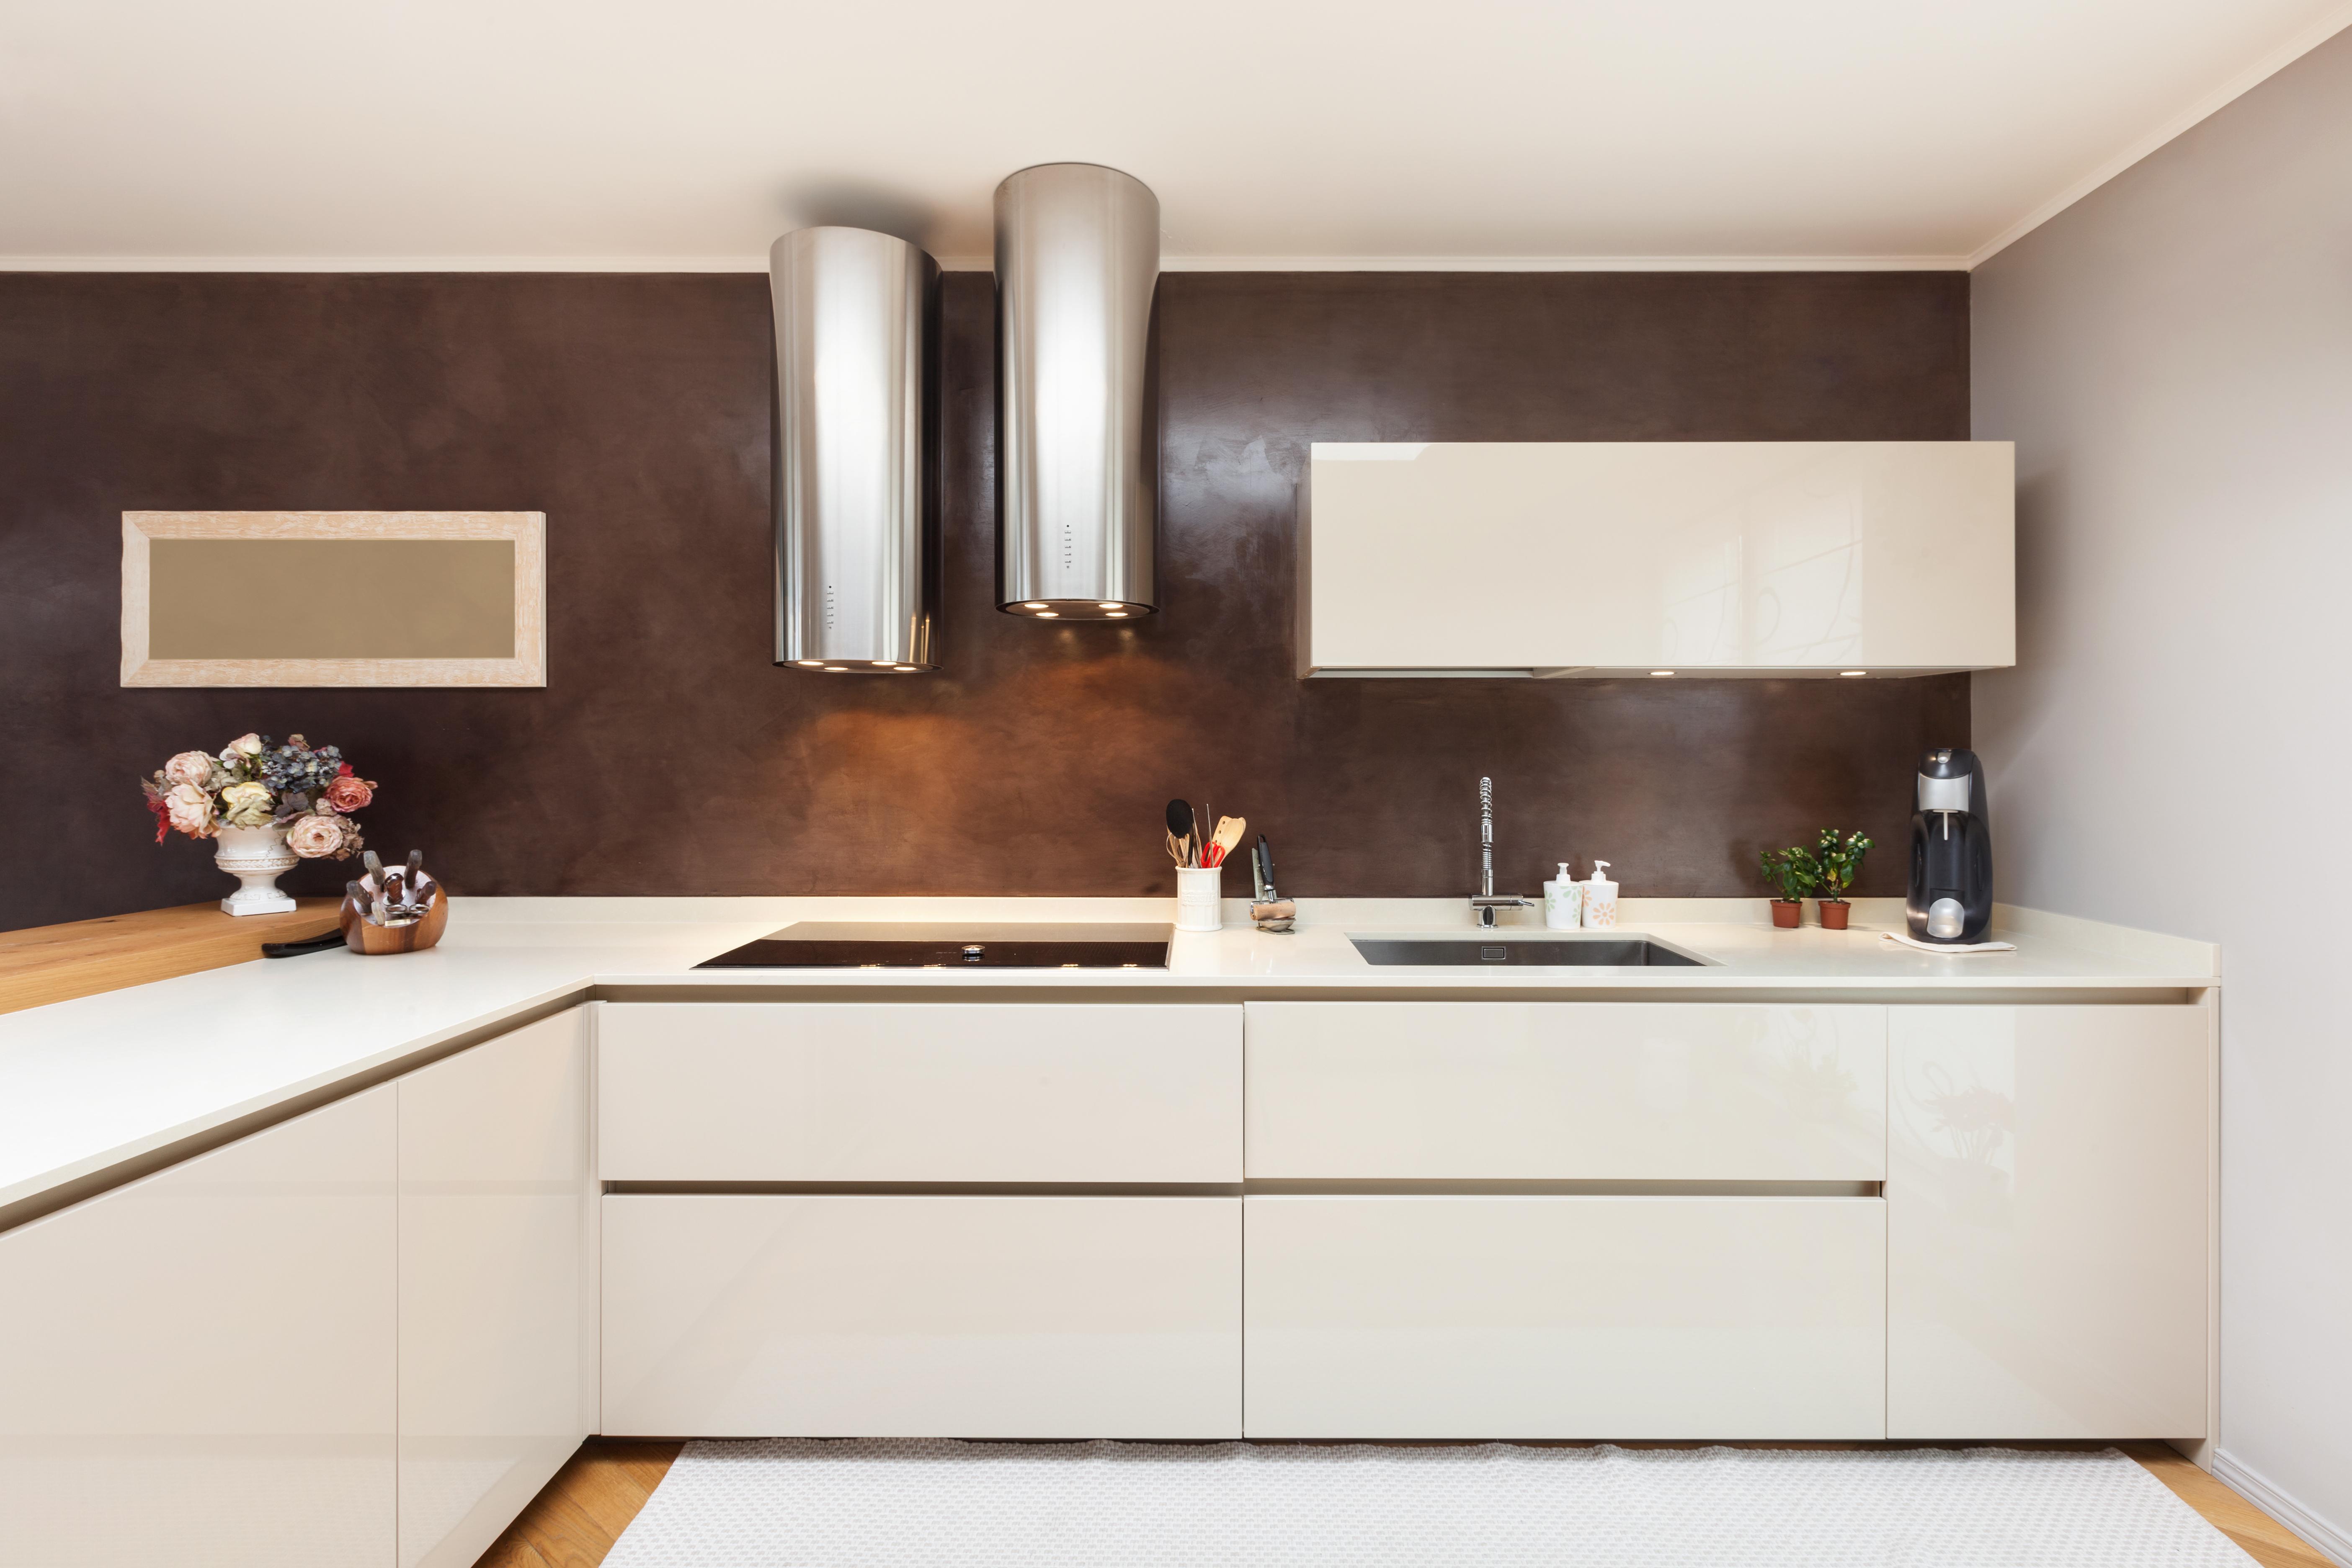 מטבחים מעץ תאורה למטבחים נותנים שירות מהיר ומקצועי עם כלי עבודה מקצועיים שיודעים להתאים לכל לקוח מטבחים מתאימים תוך כדי הפעלת ציוד מקצועי לניסור עץ במטבח הלקוח